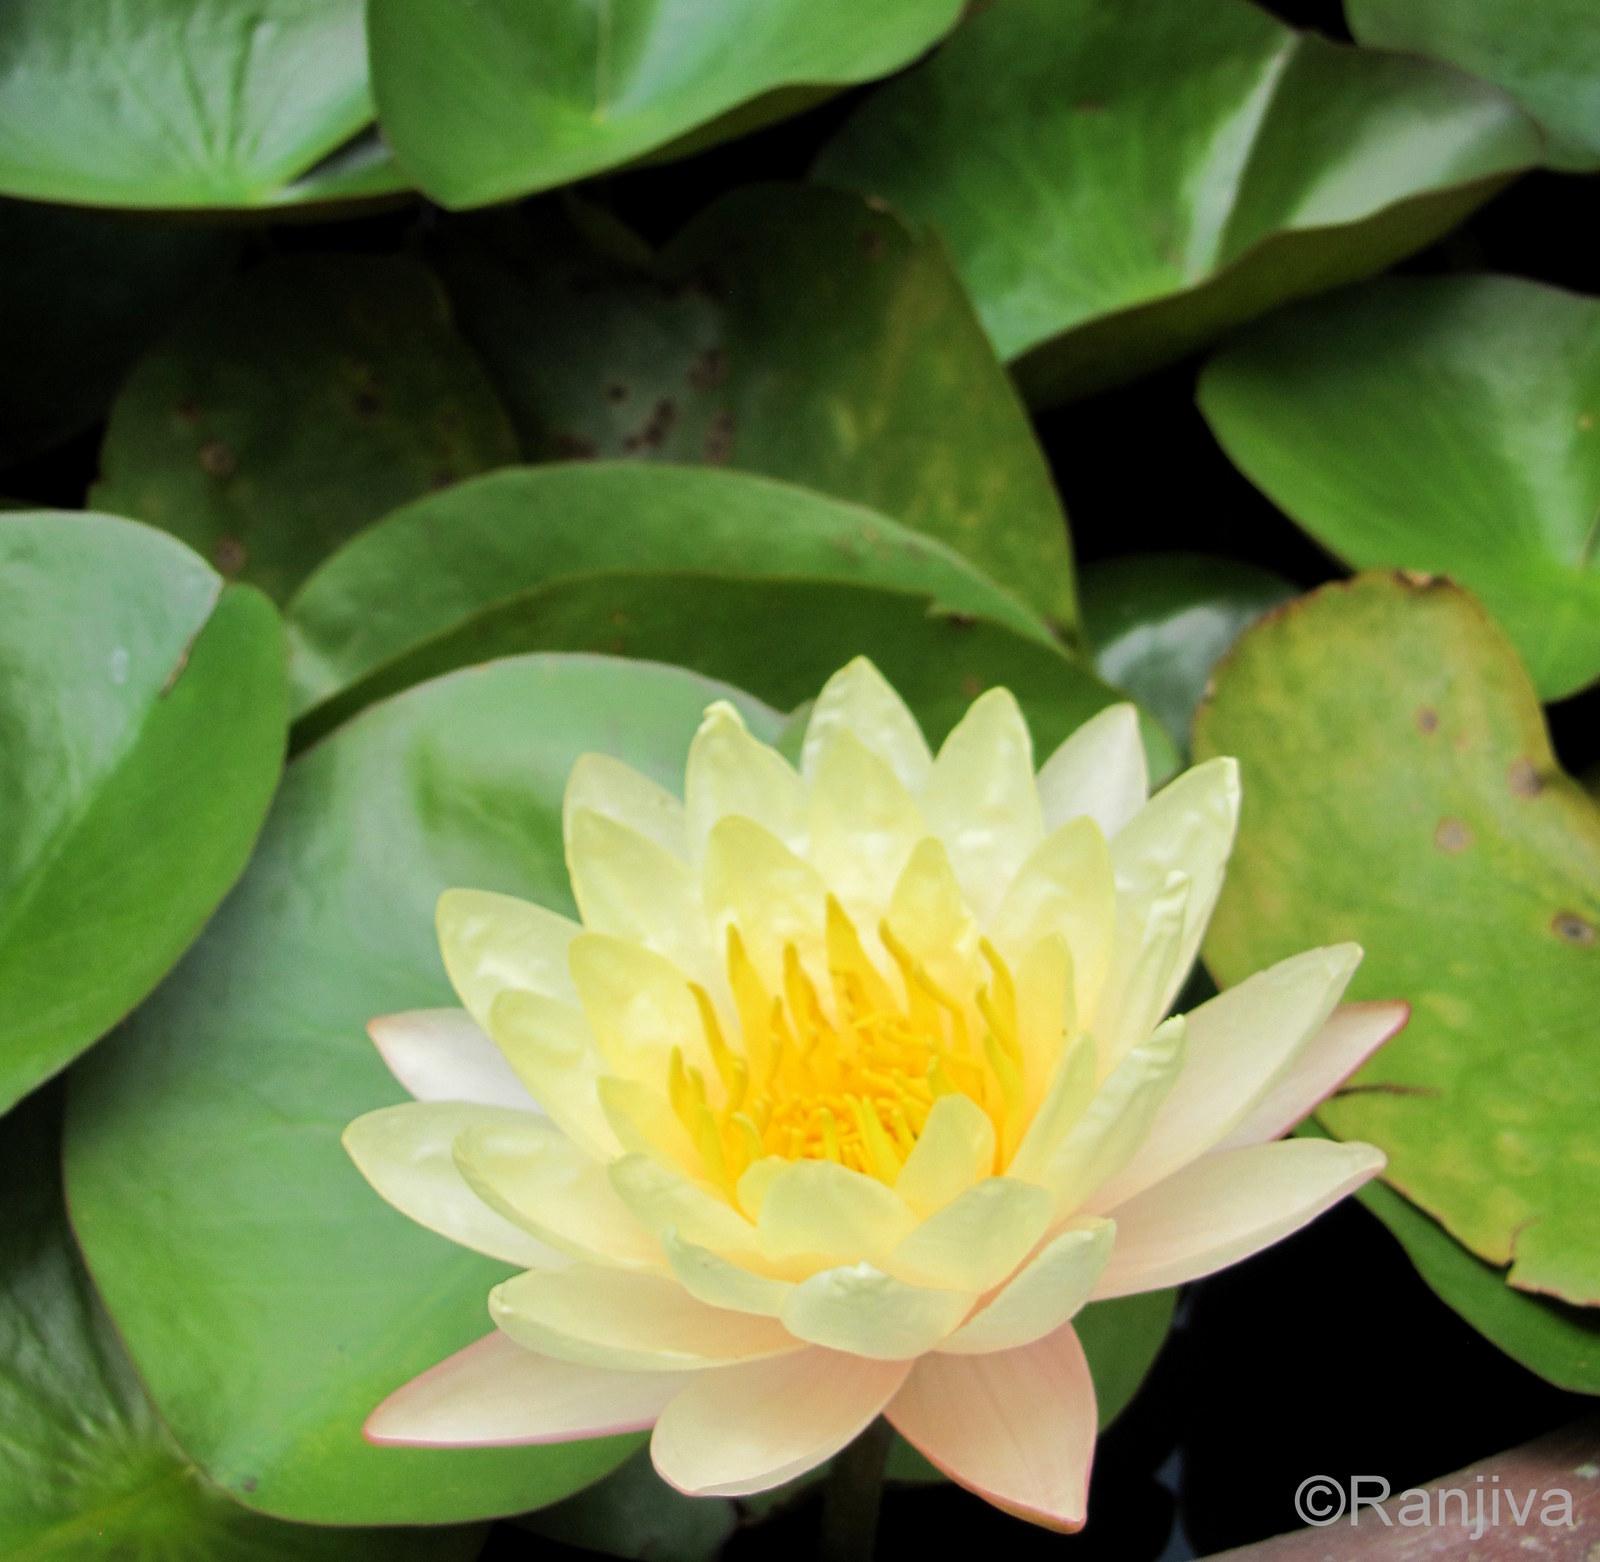 des n nuphars et des lotus vietnam paysages et fleurs au fil de l 39 eau. Black Bedroom Furniture Sets. Home Design Ideas